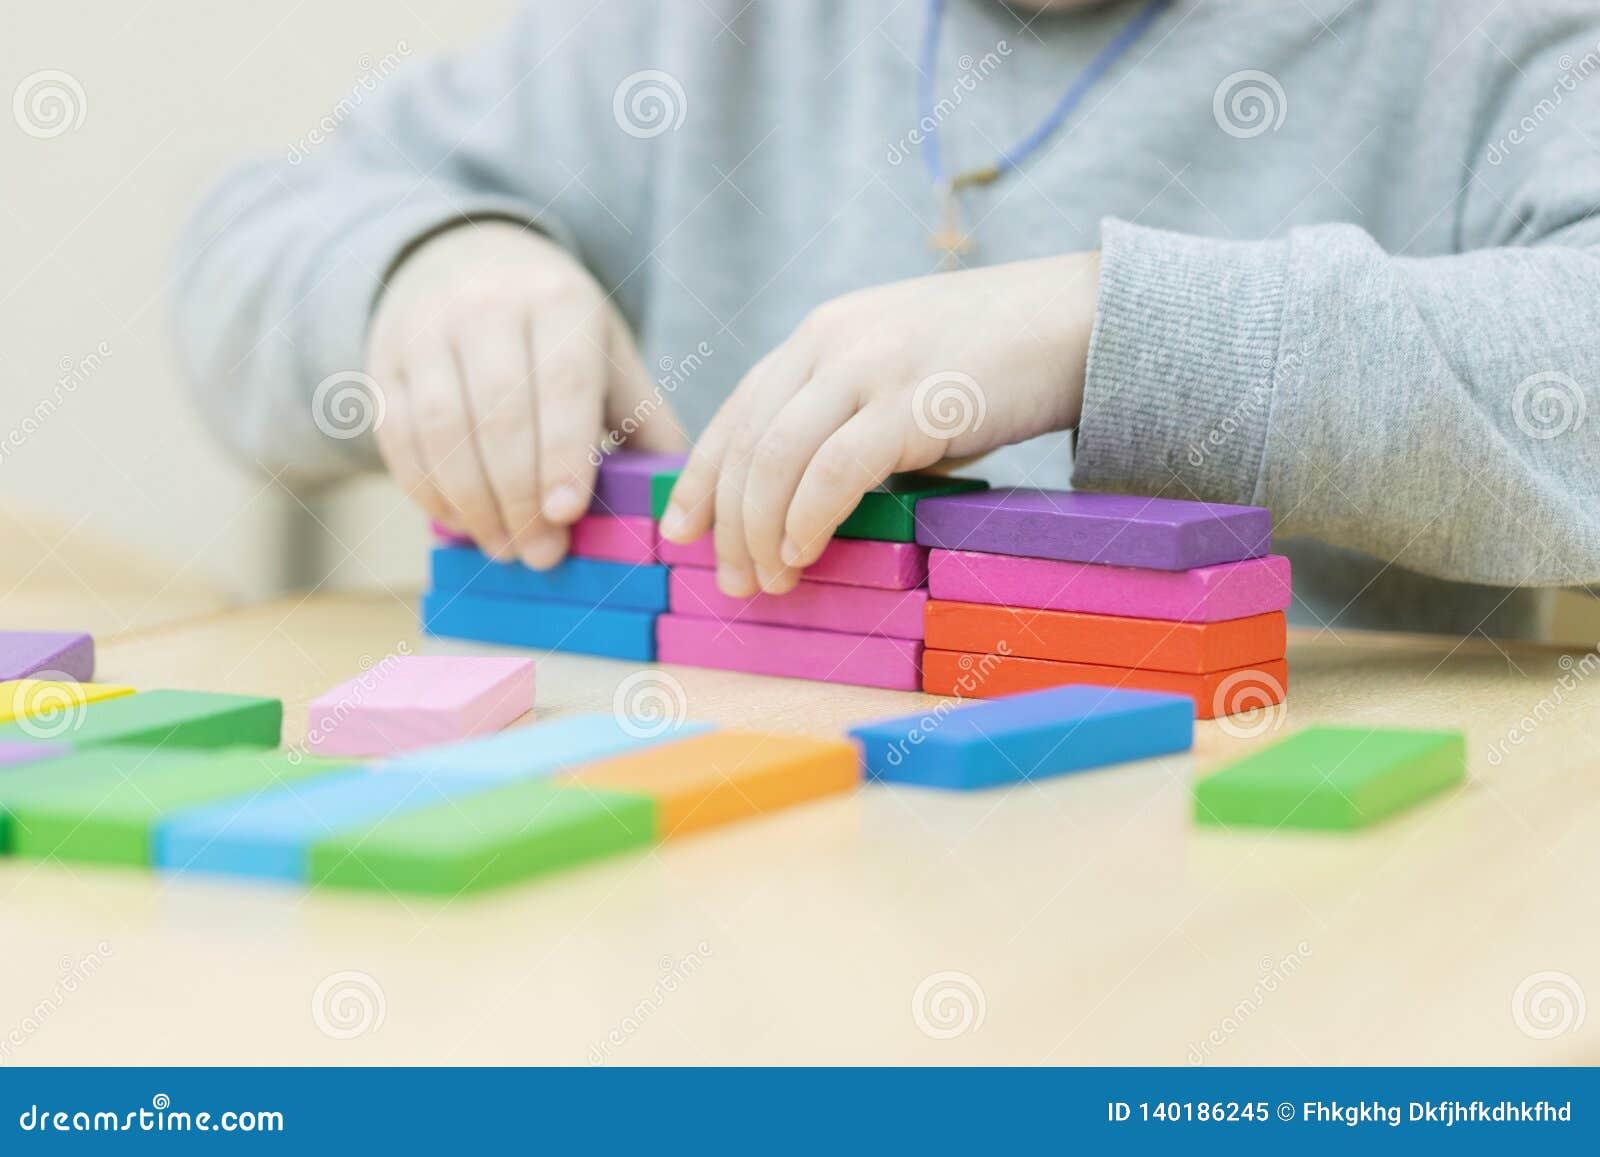 Une main met le dernier cube sur le dessus du pyramide